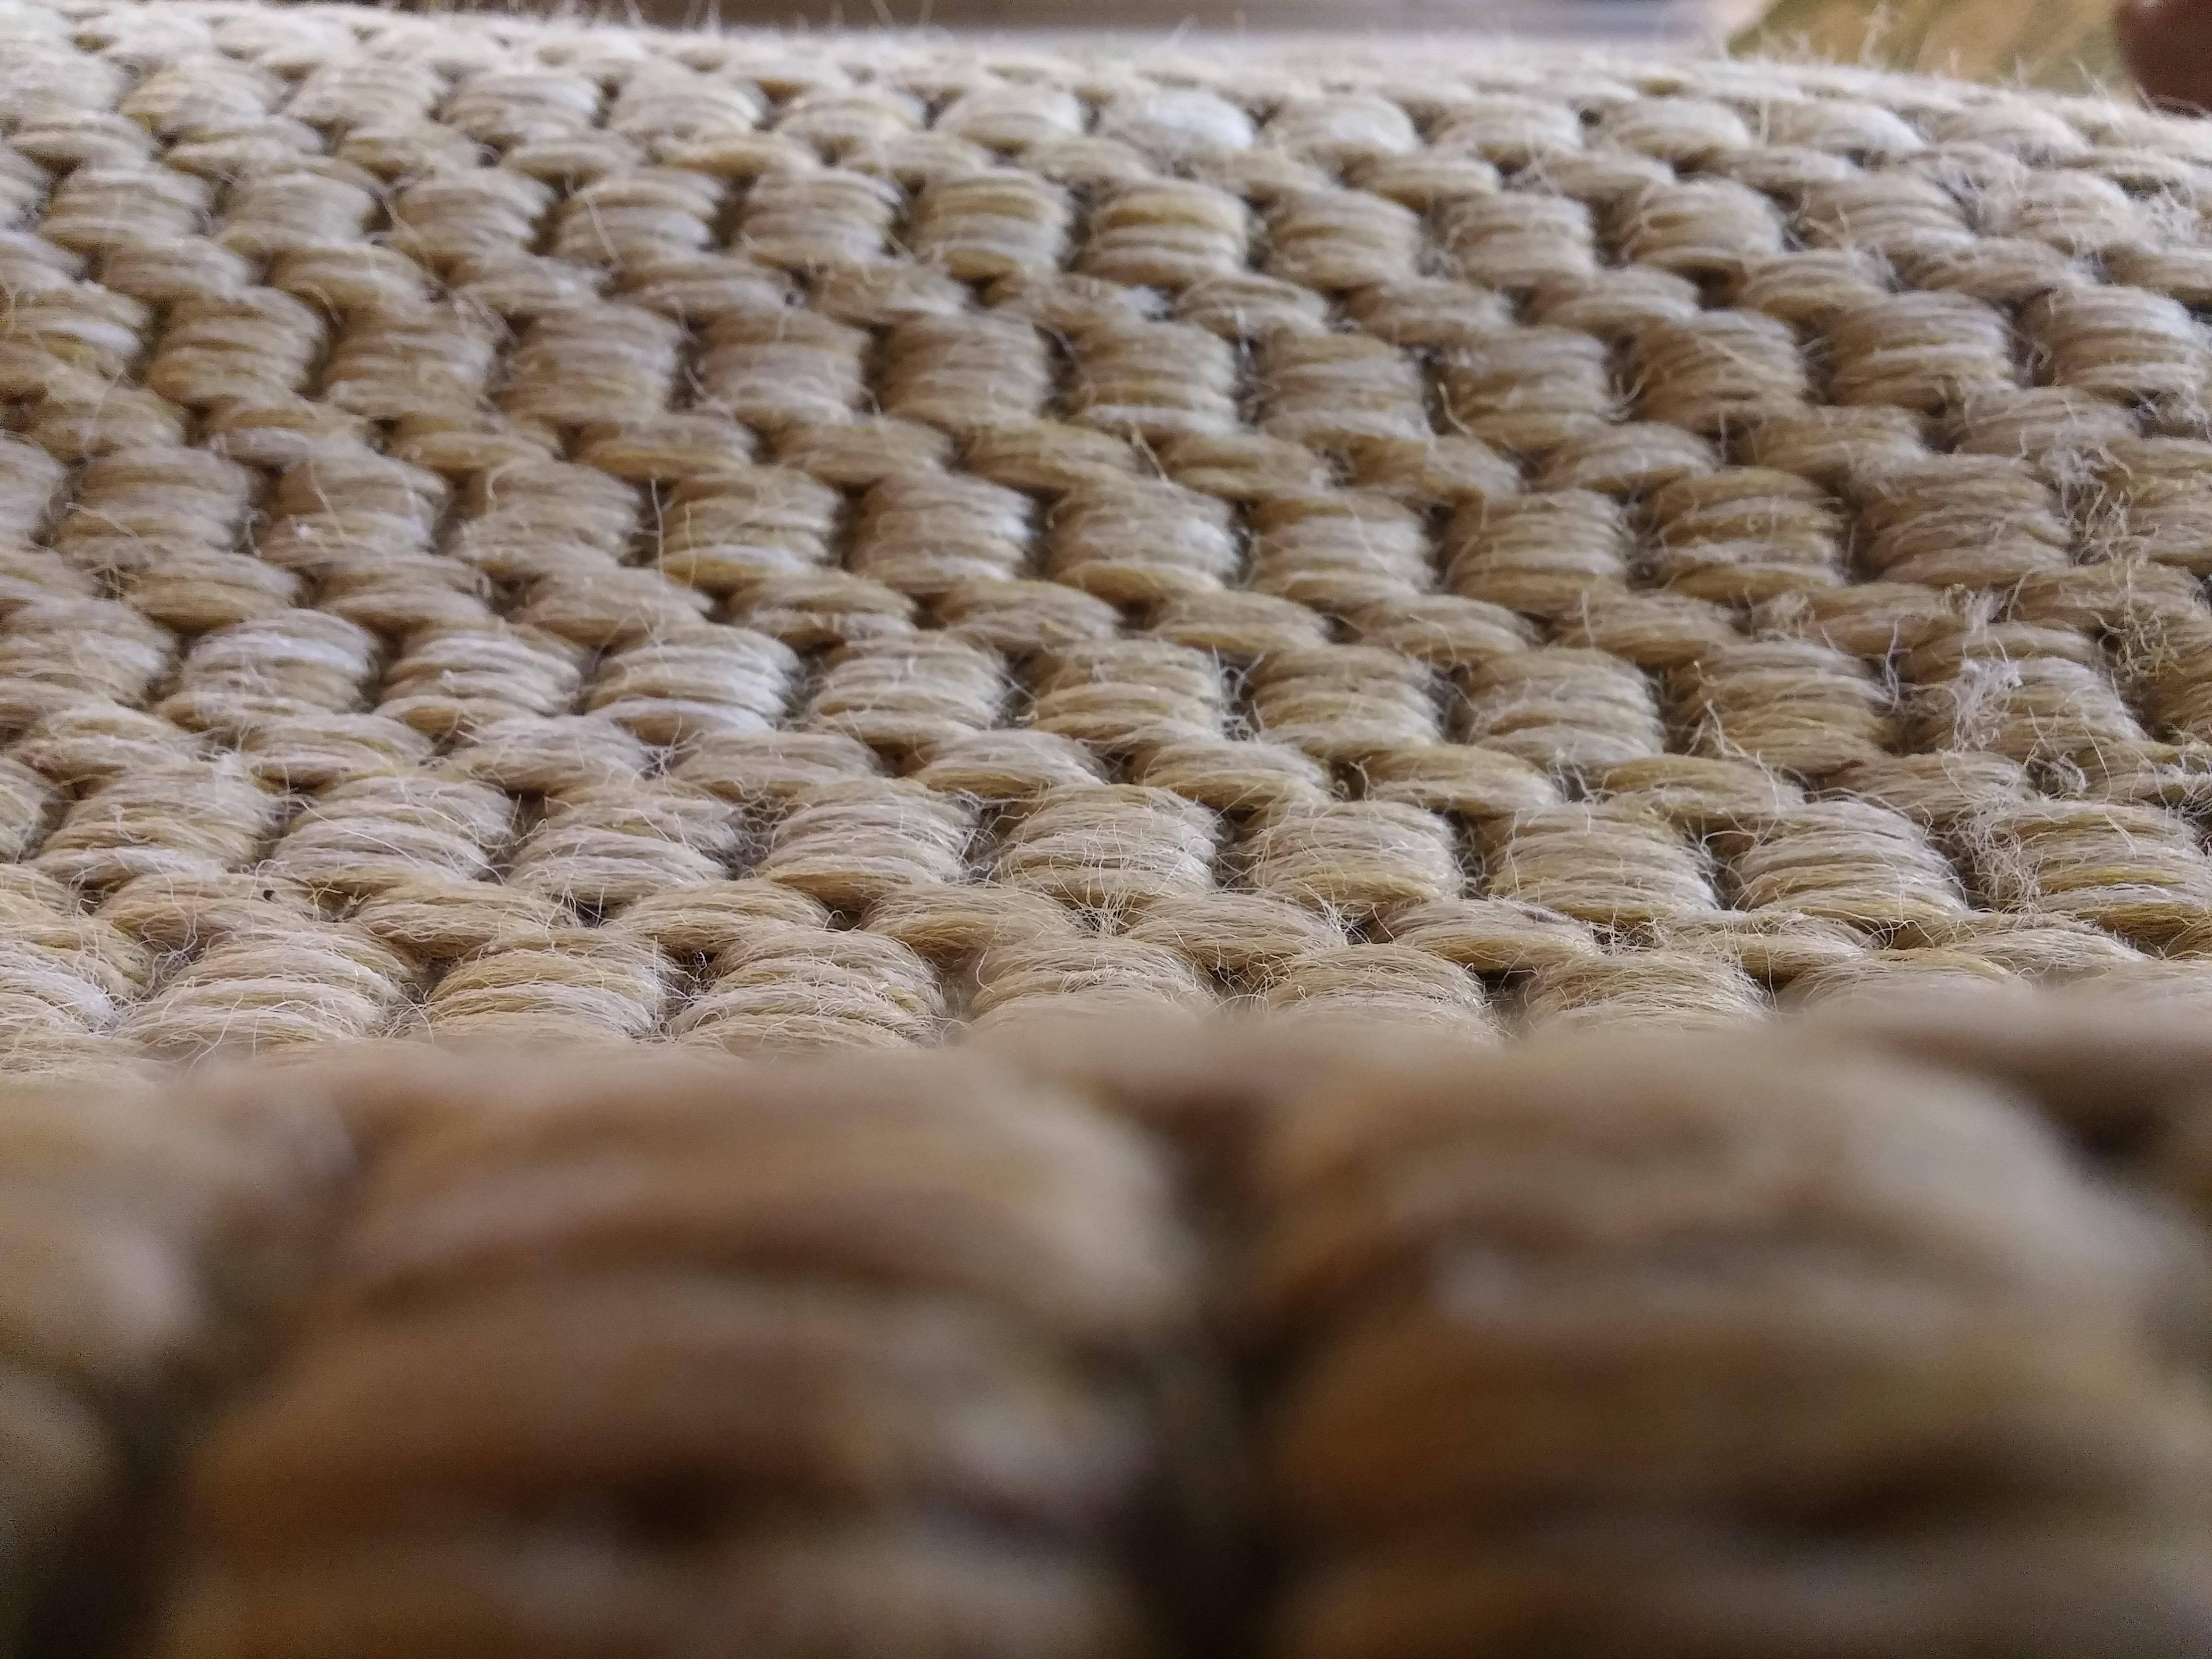 Tapijt Natuurlijk Materiaal : Tapijt natuurlijk materiaal